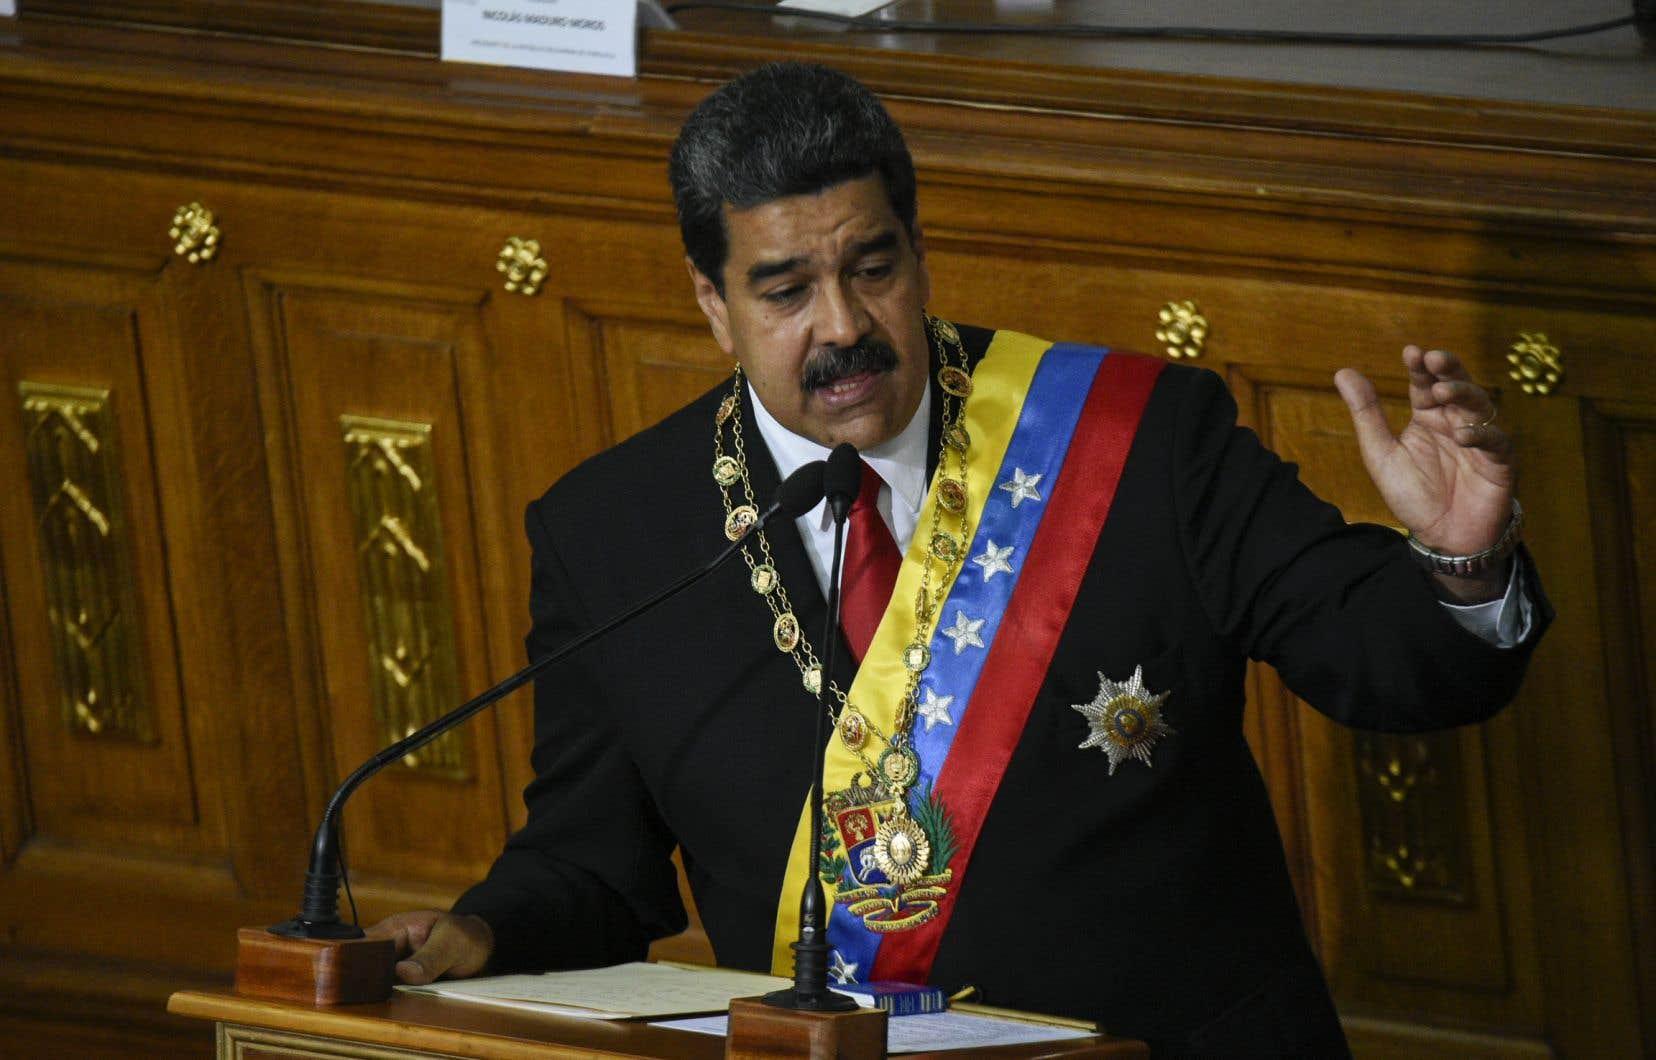 La semaine a été marquée par un durcissement du ton des États-Unis envers le Venezuela depuis la réélection de Nicolas Maduro.